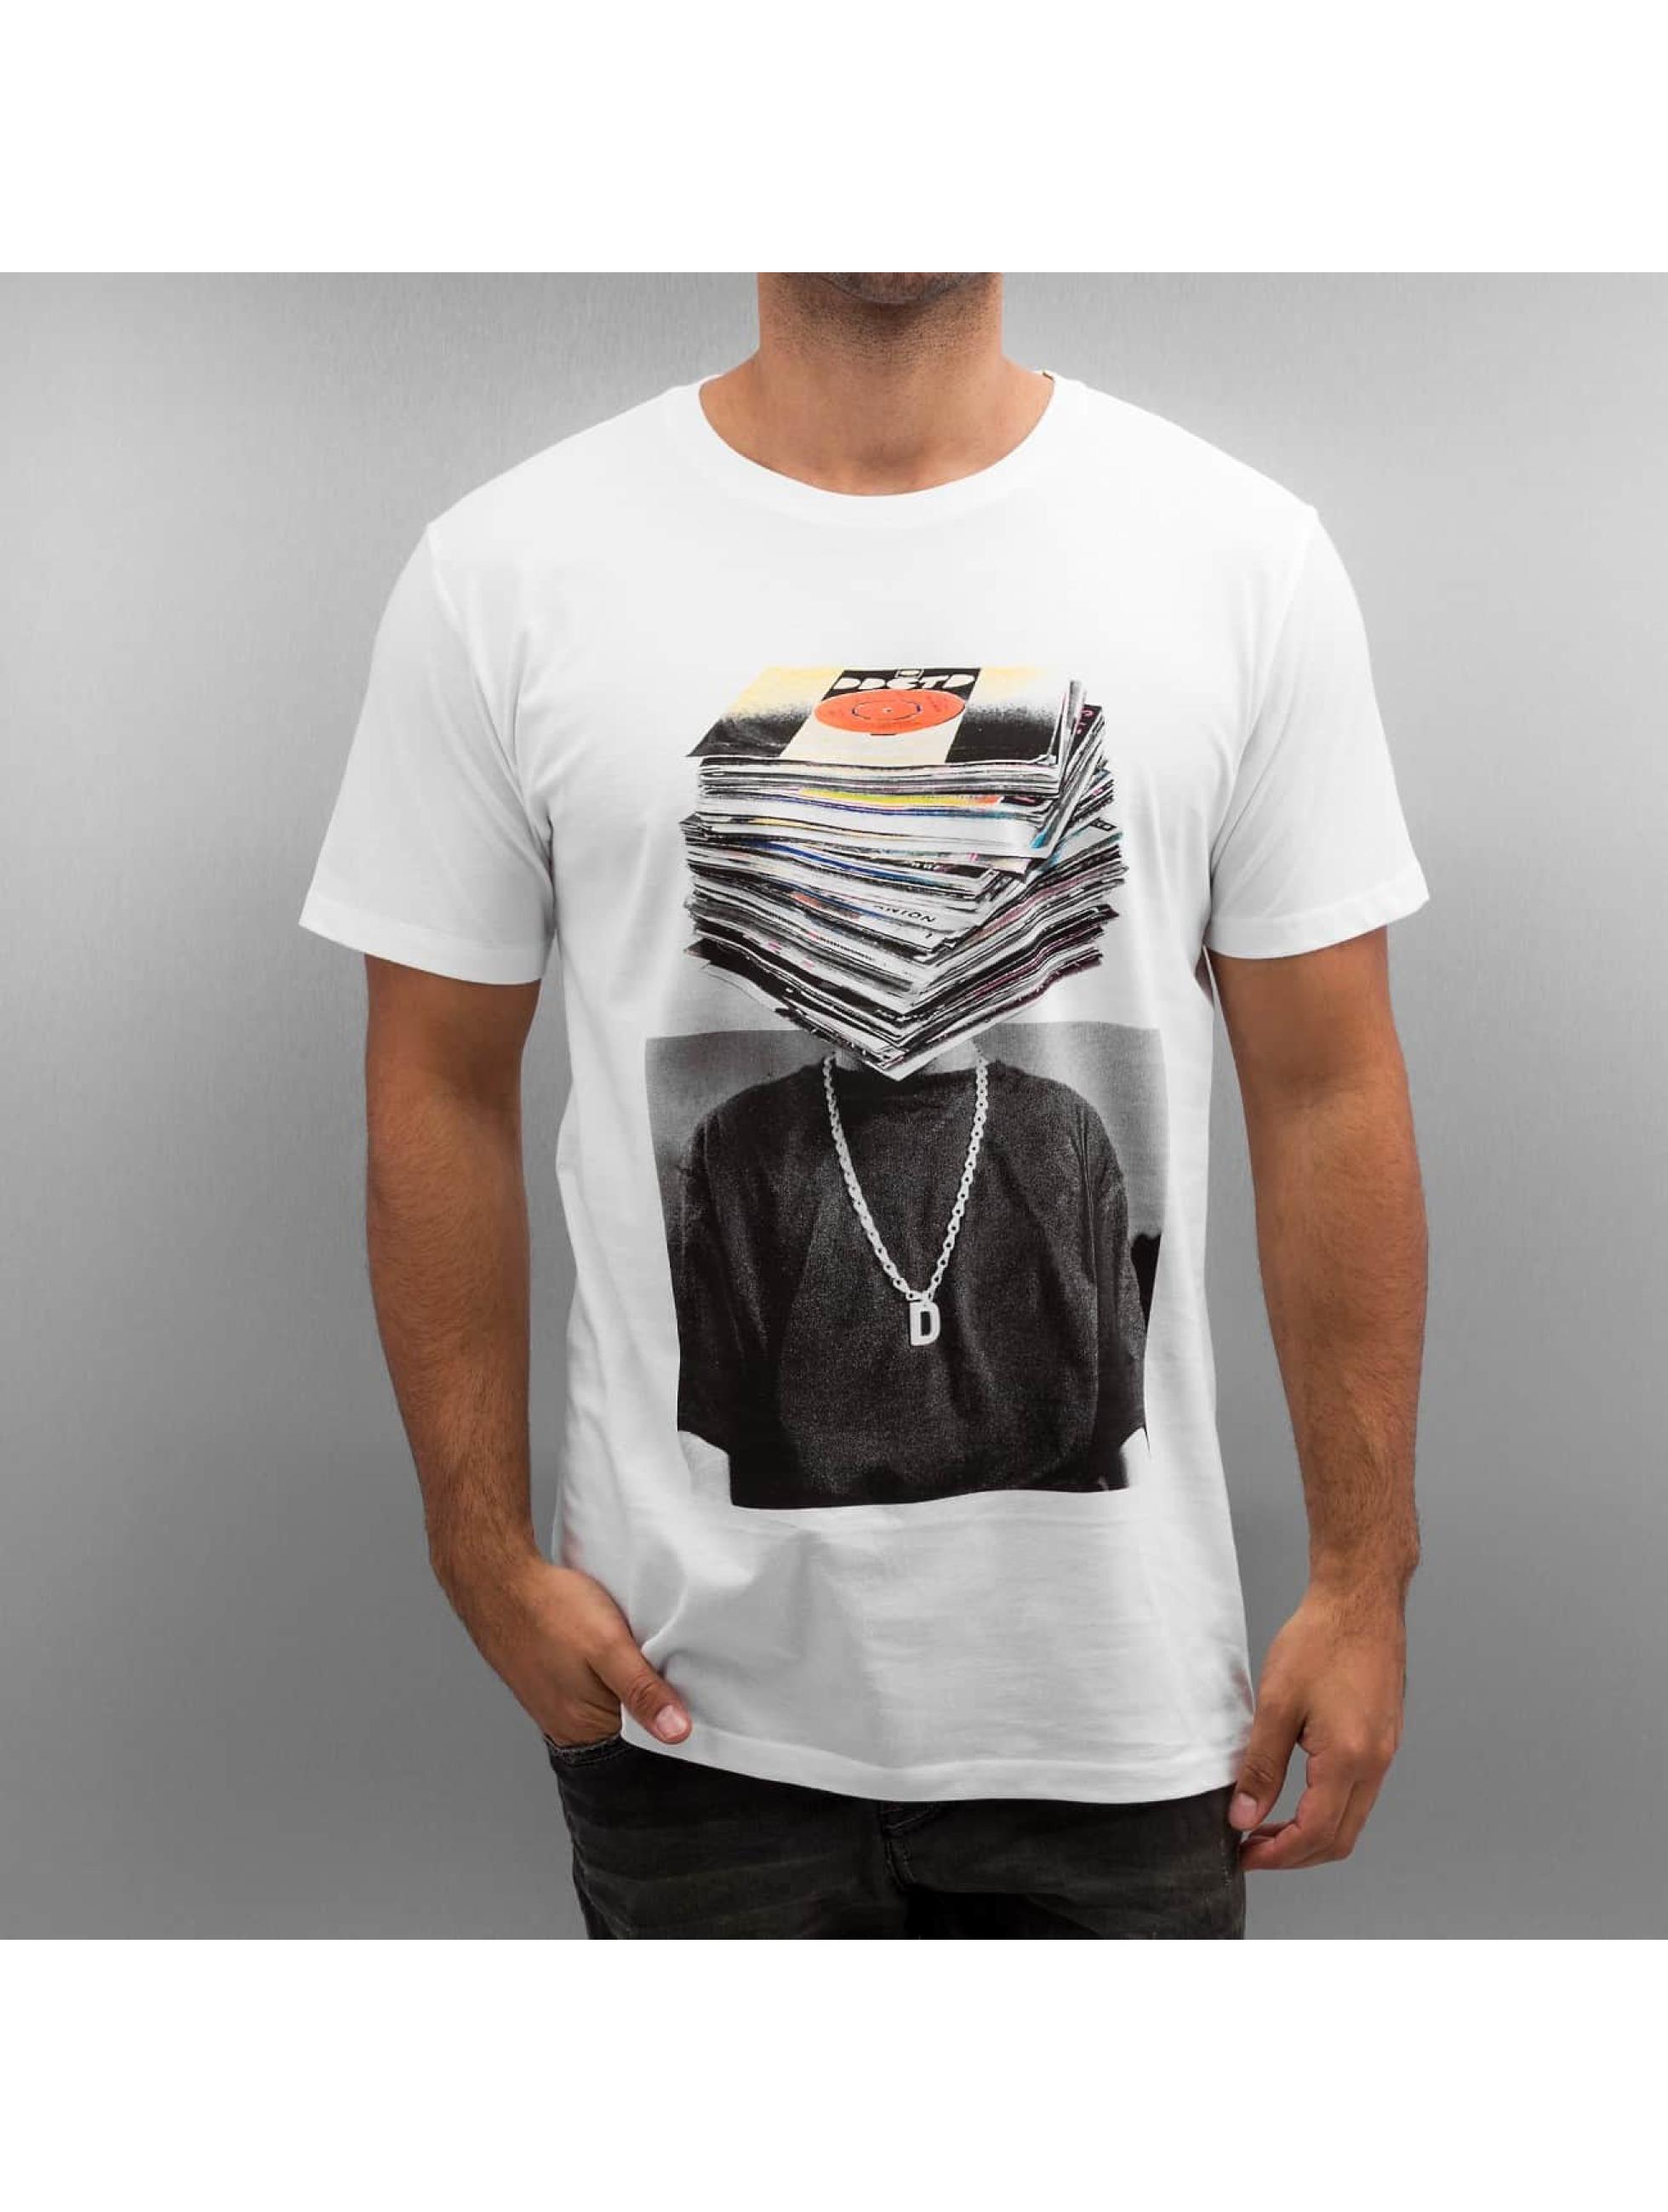 DEDICATED Männer T-Shirt Nicklas Johnson Record Head in weiß